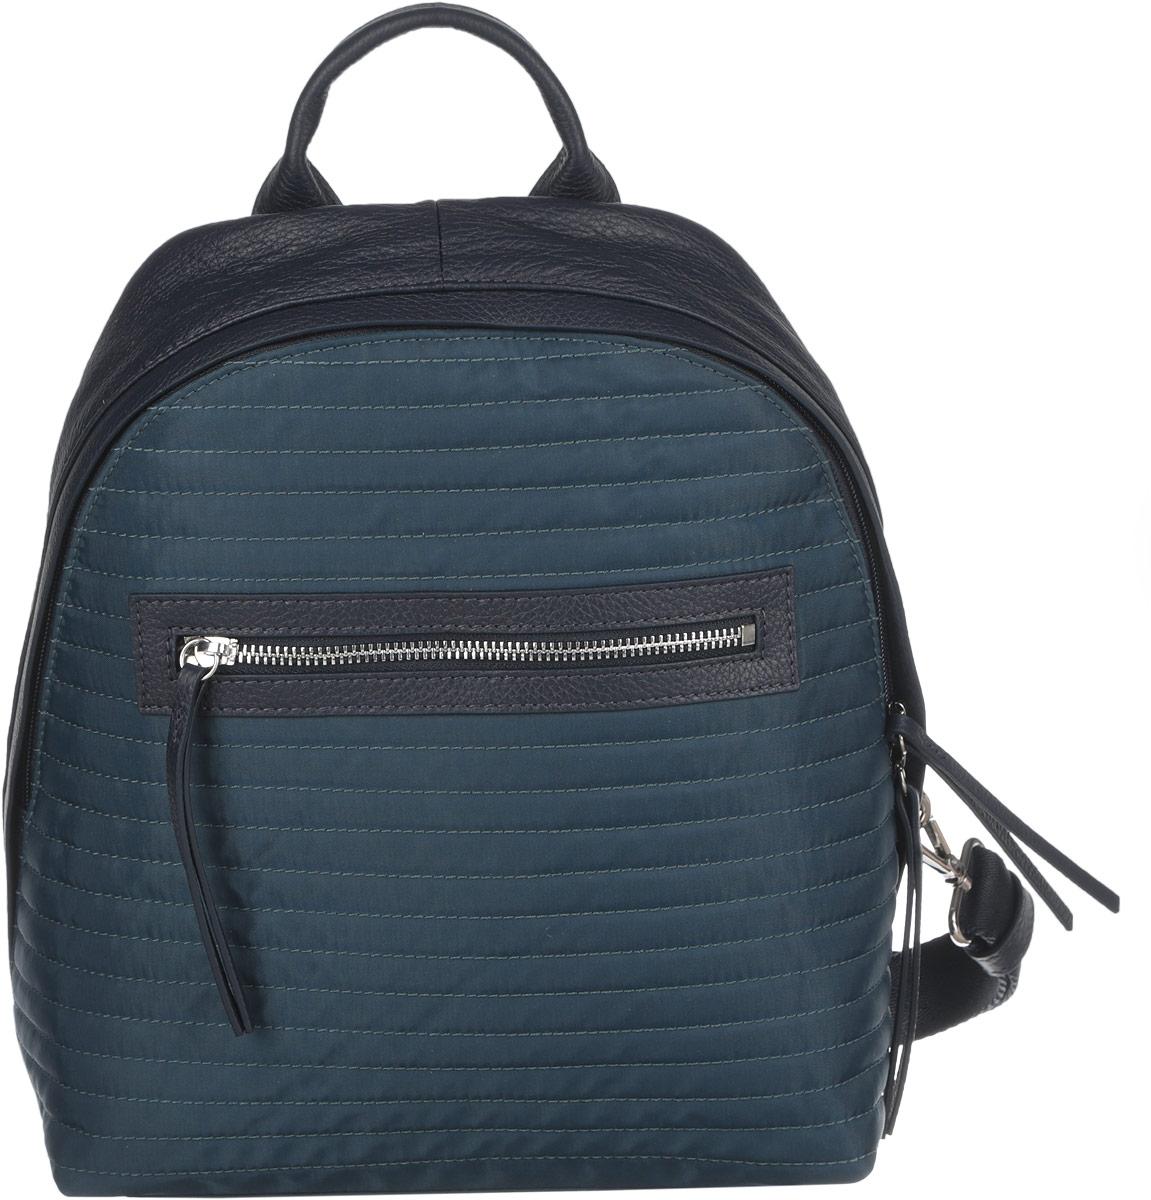 Рюкзак женский Pimo Betti, цвет: темно-синий. 14390B2-W214390B2-W2Стильный женский рюкзак Pimo Betti выполнен из текстиля с вставками из натуральной кожи, оформлен декоративной прострочкой. Изделие имеет одно отделение, закрывающееся на застежку-молнию. Внутри находится прорезной карман на застежке-молнии и два открытых накладных кармана. Снаружи, на передней стенке располагается прорезной карман на застежке-молнии. На спинке предусмотрен врезной карман на пластиковой застежке-молнии. Рюкзак оснащен съемными текстильными лямками, регулируемой длины, и удобной ручкой. Прилагается фирменный текстильный чехол для хранения. Стильный рюкзак Pimo Betti прекрасно дополнит ваш образ.